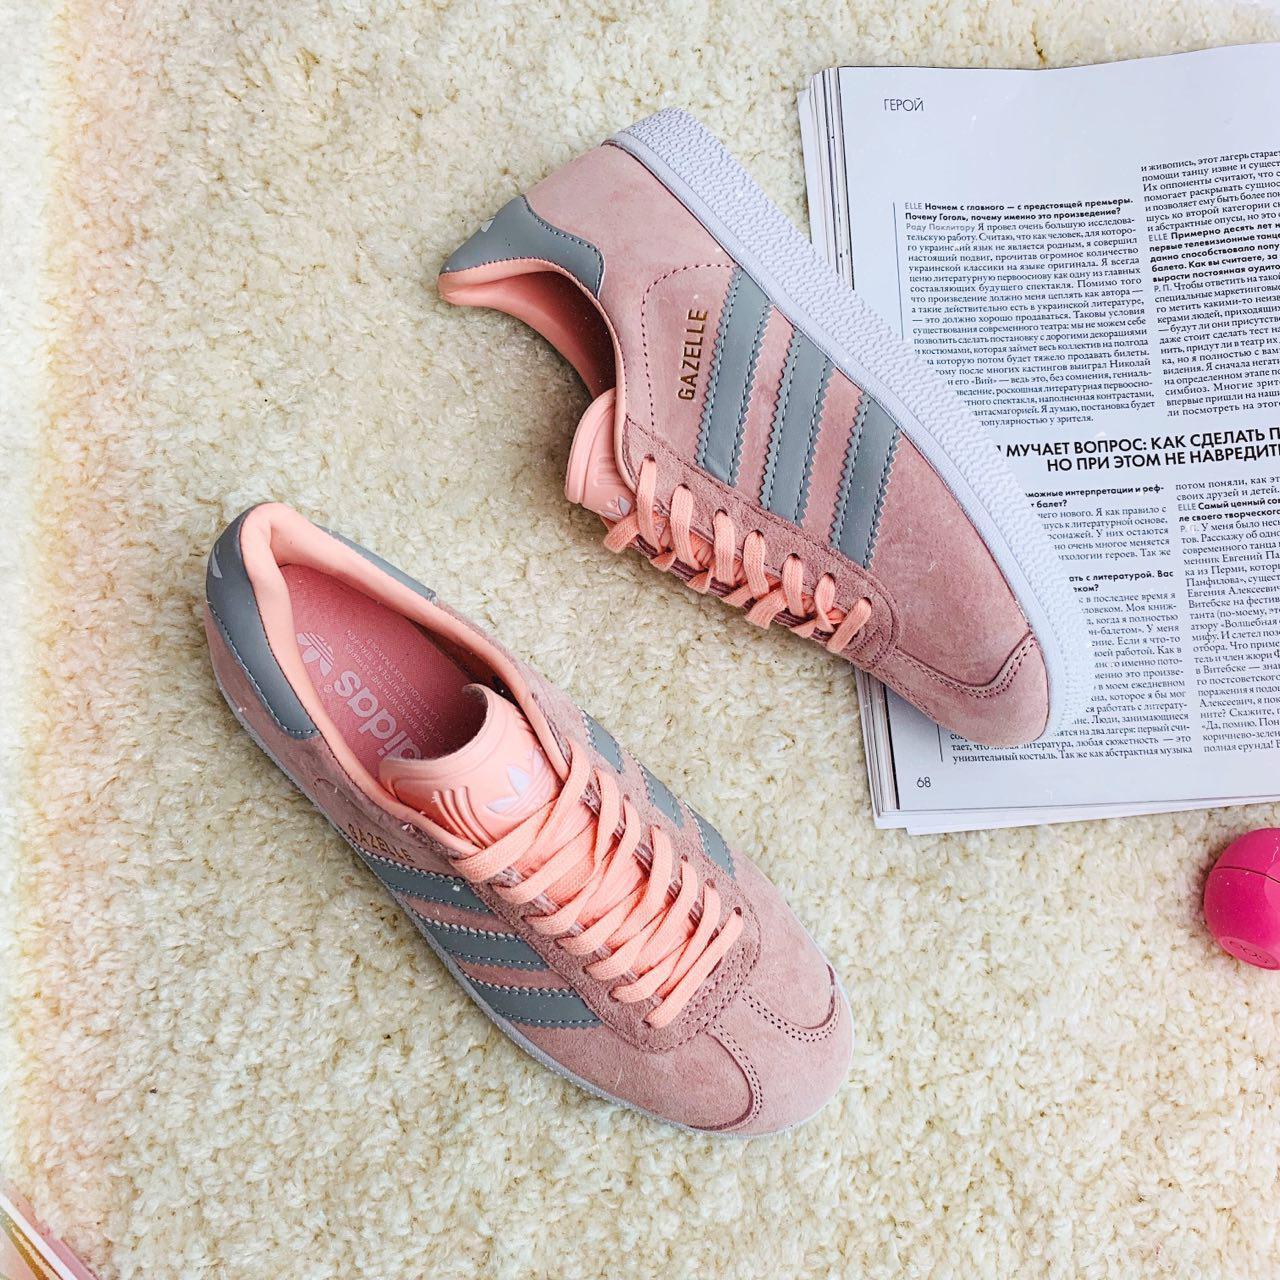 Кроссовки женские Adidas Gazele (реплика) 30880 ⏩ [ 36 ]